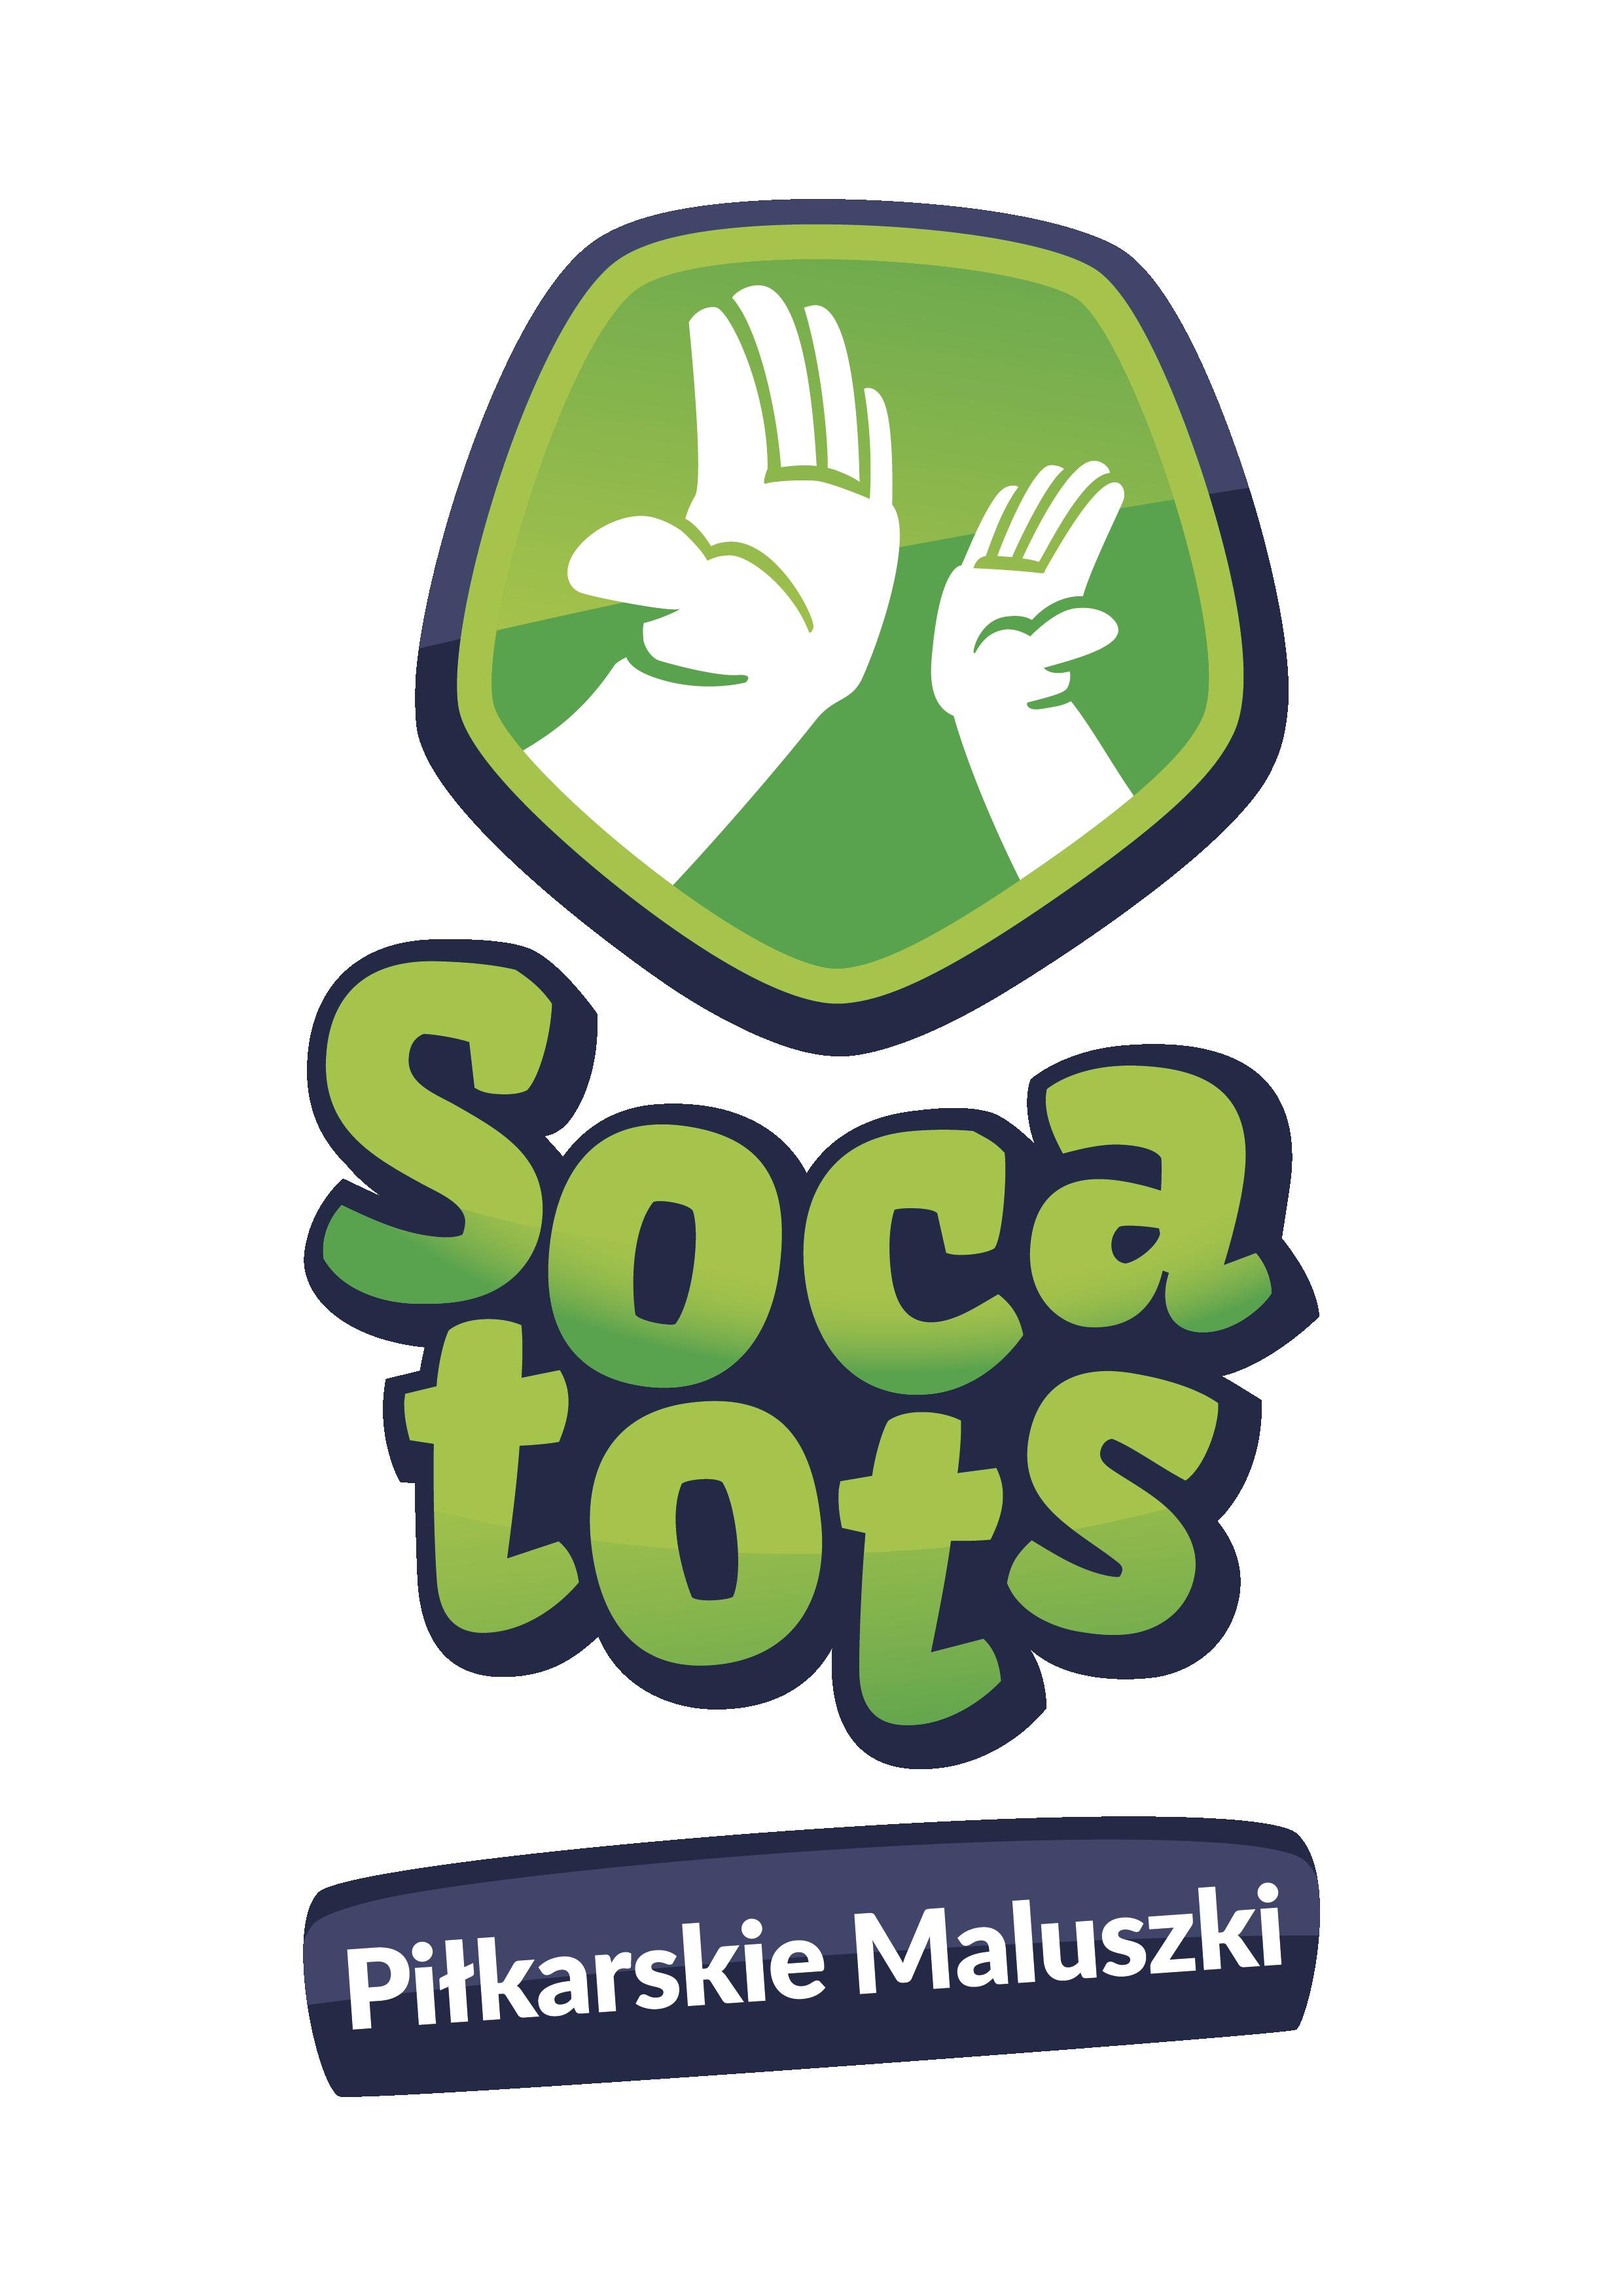 Socatots Huta